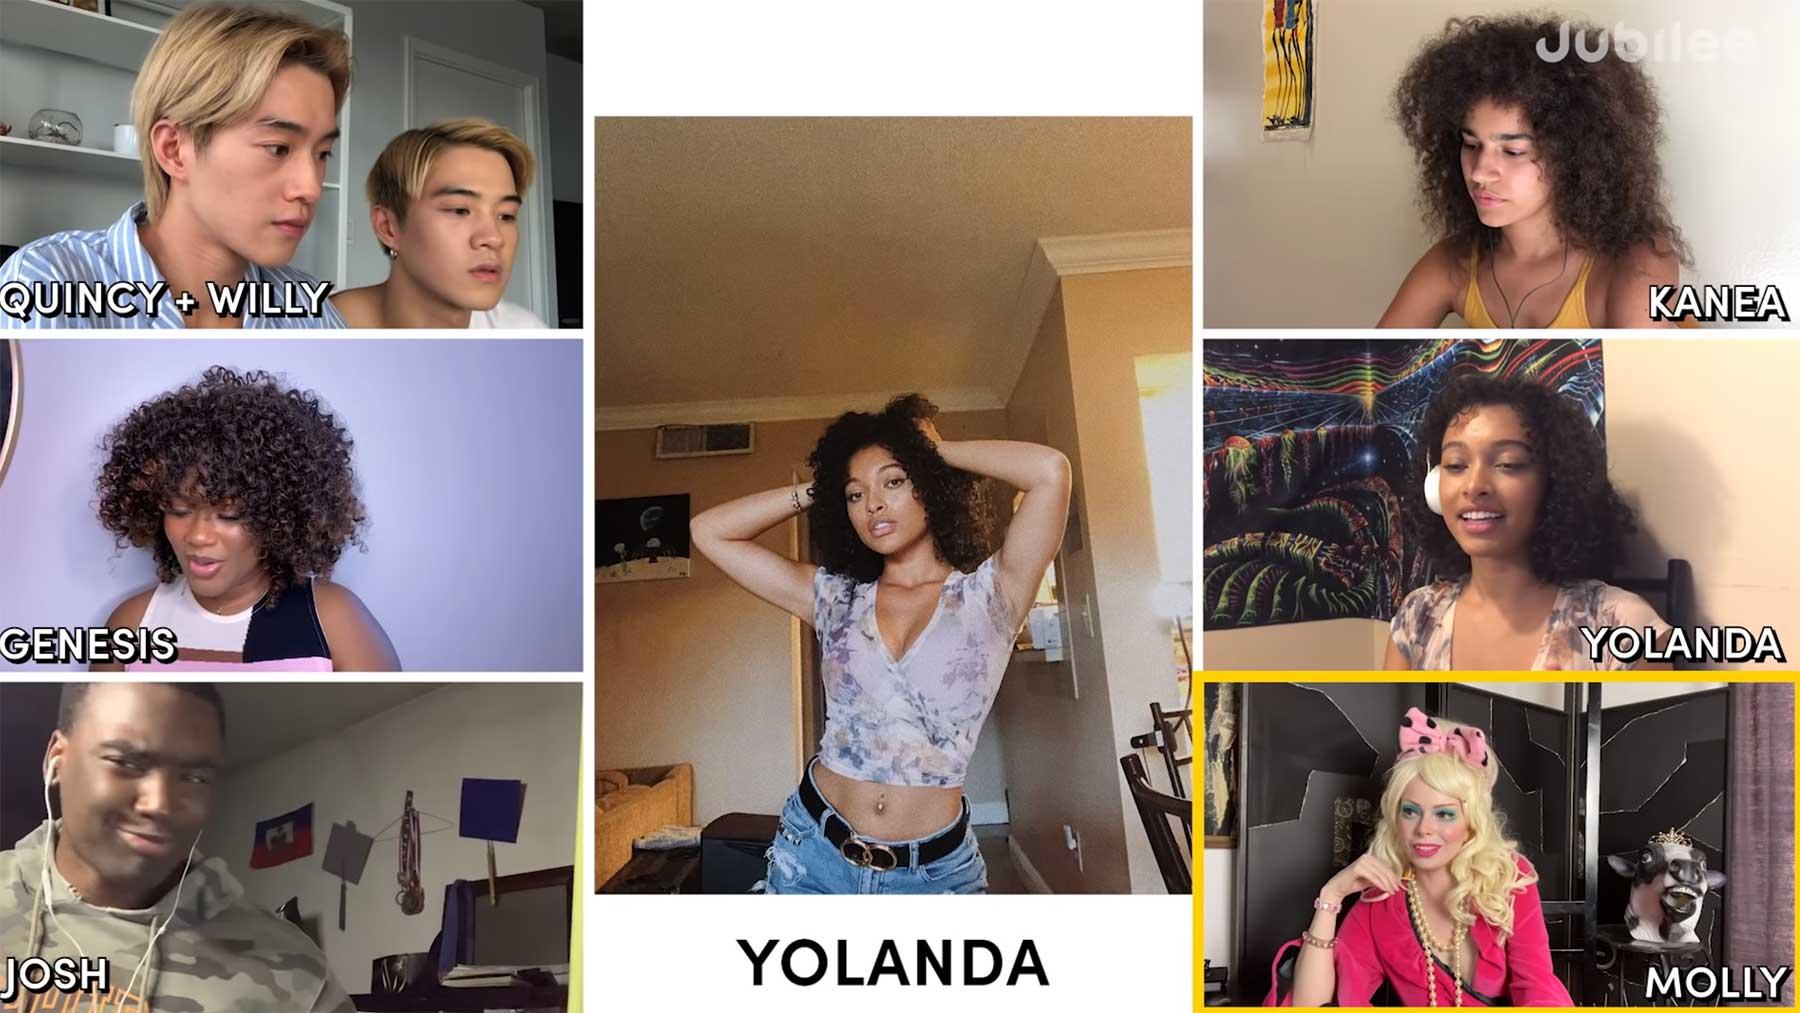 Welches dieser 7 Models ist gar keines?